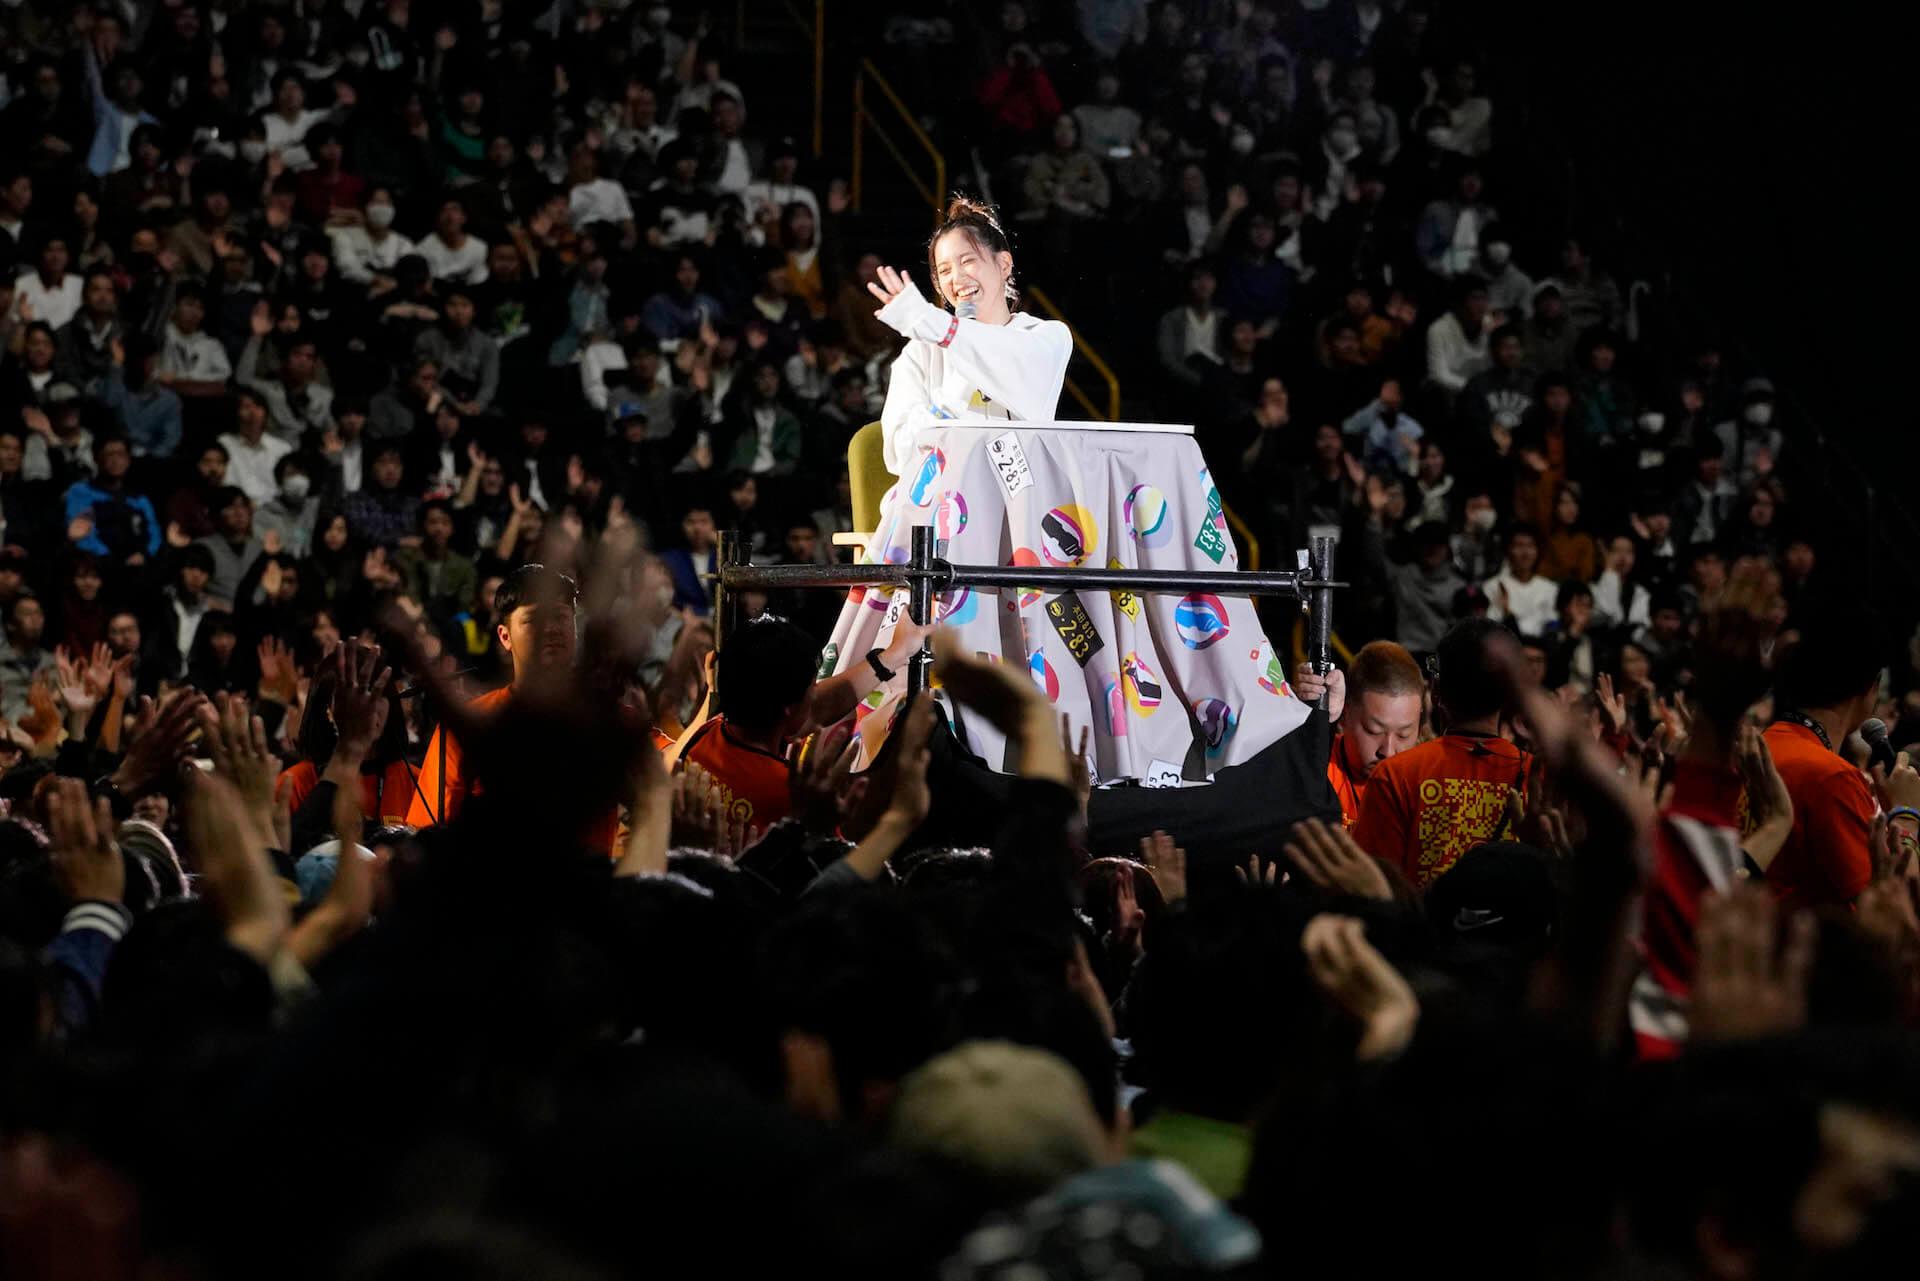 本田翼、YouTubeアカウントほんだのばいく開設1周年イベントで大興奮!レポートが到着 art191023_hondanobike_9